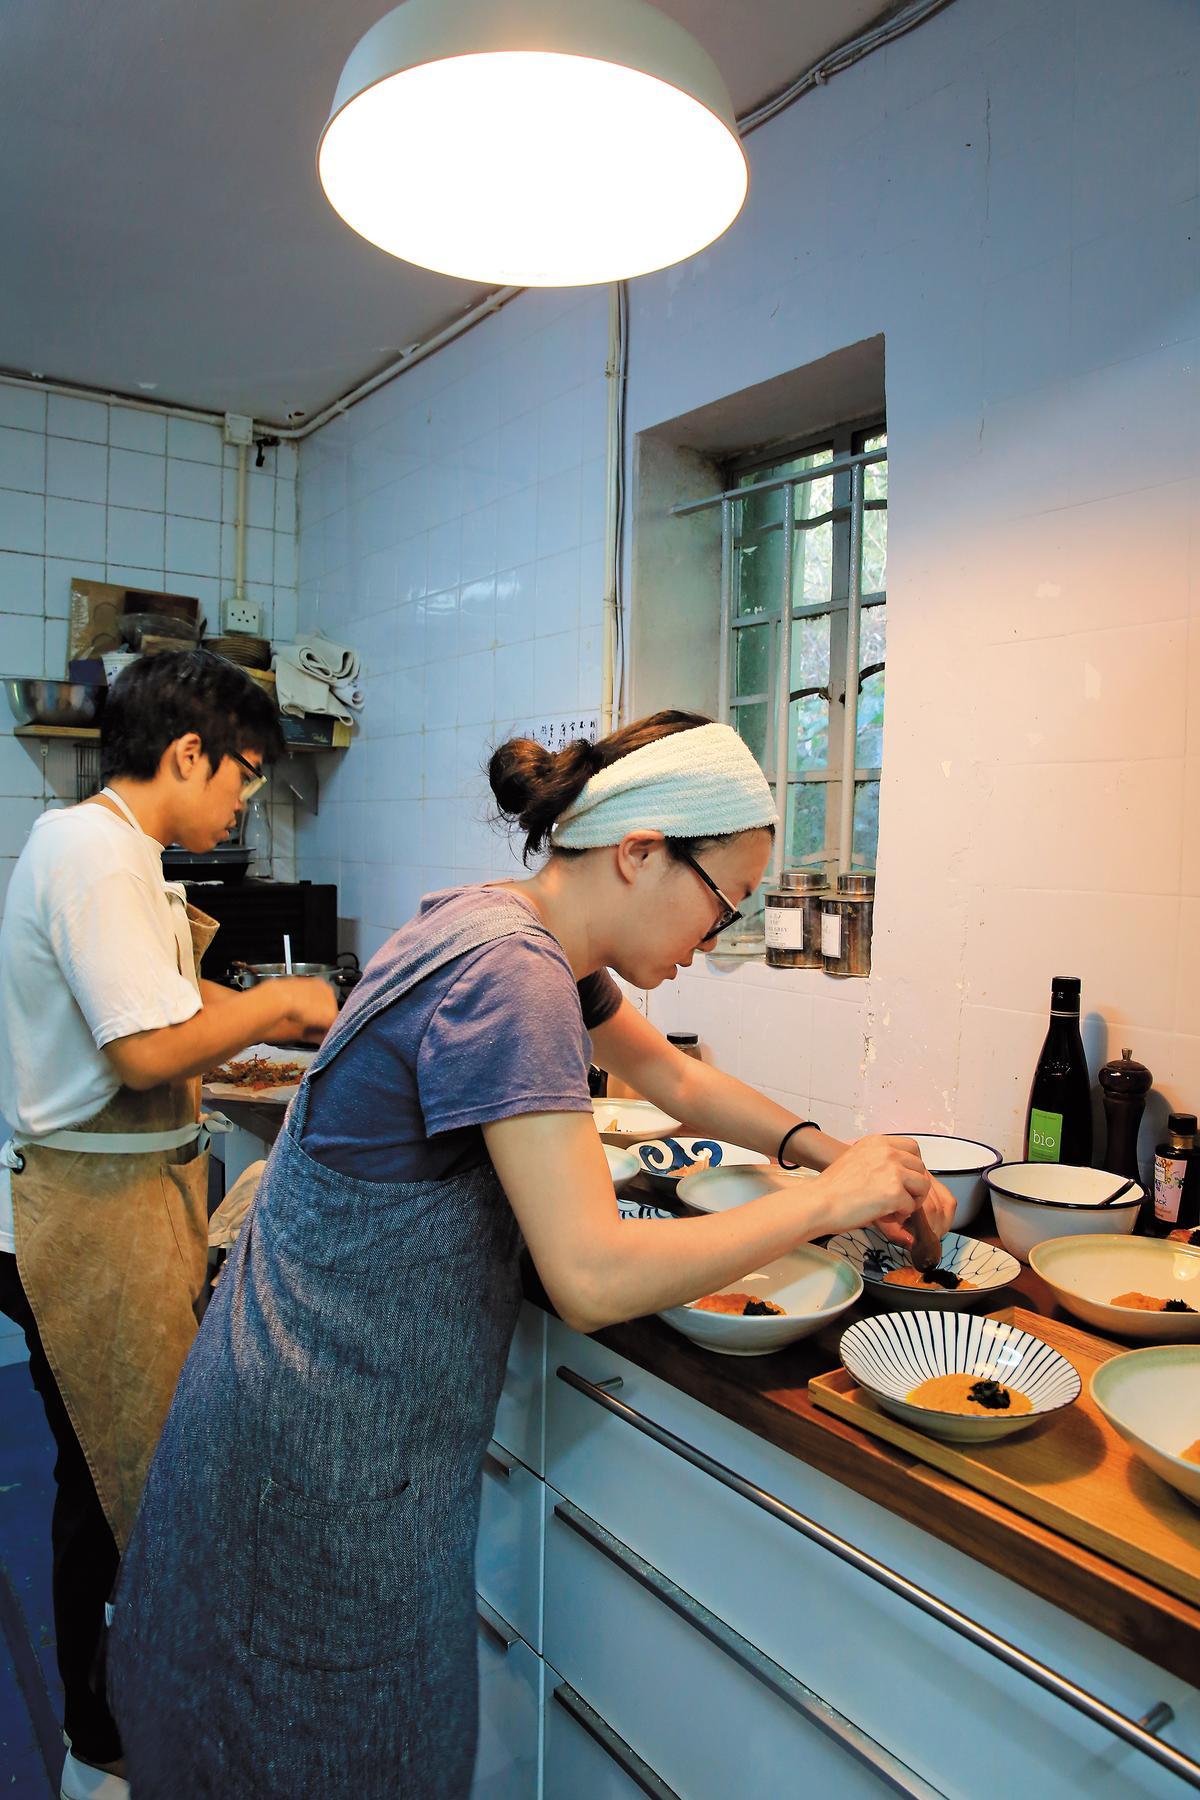 夫妻2人忙碌地在小廚房裡備菜,2歲半的兒子則託給媽媽照顧。